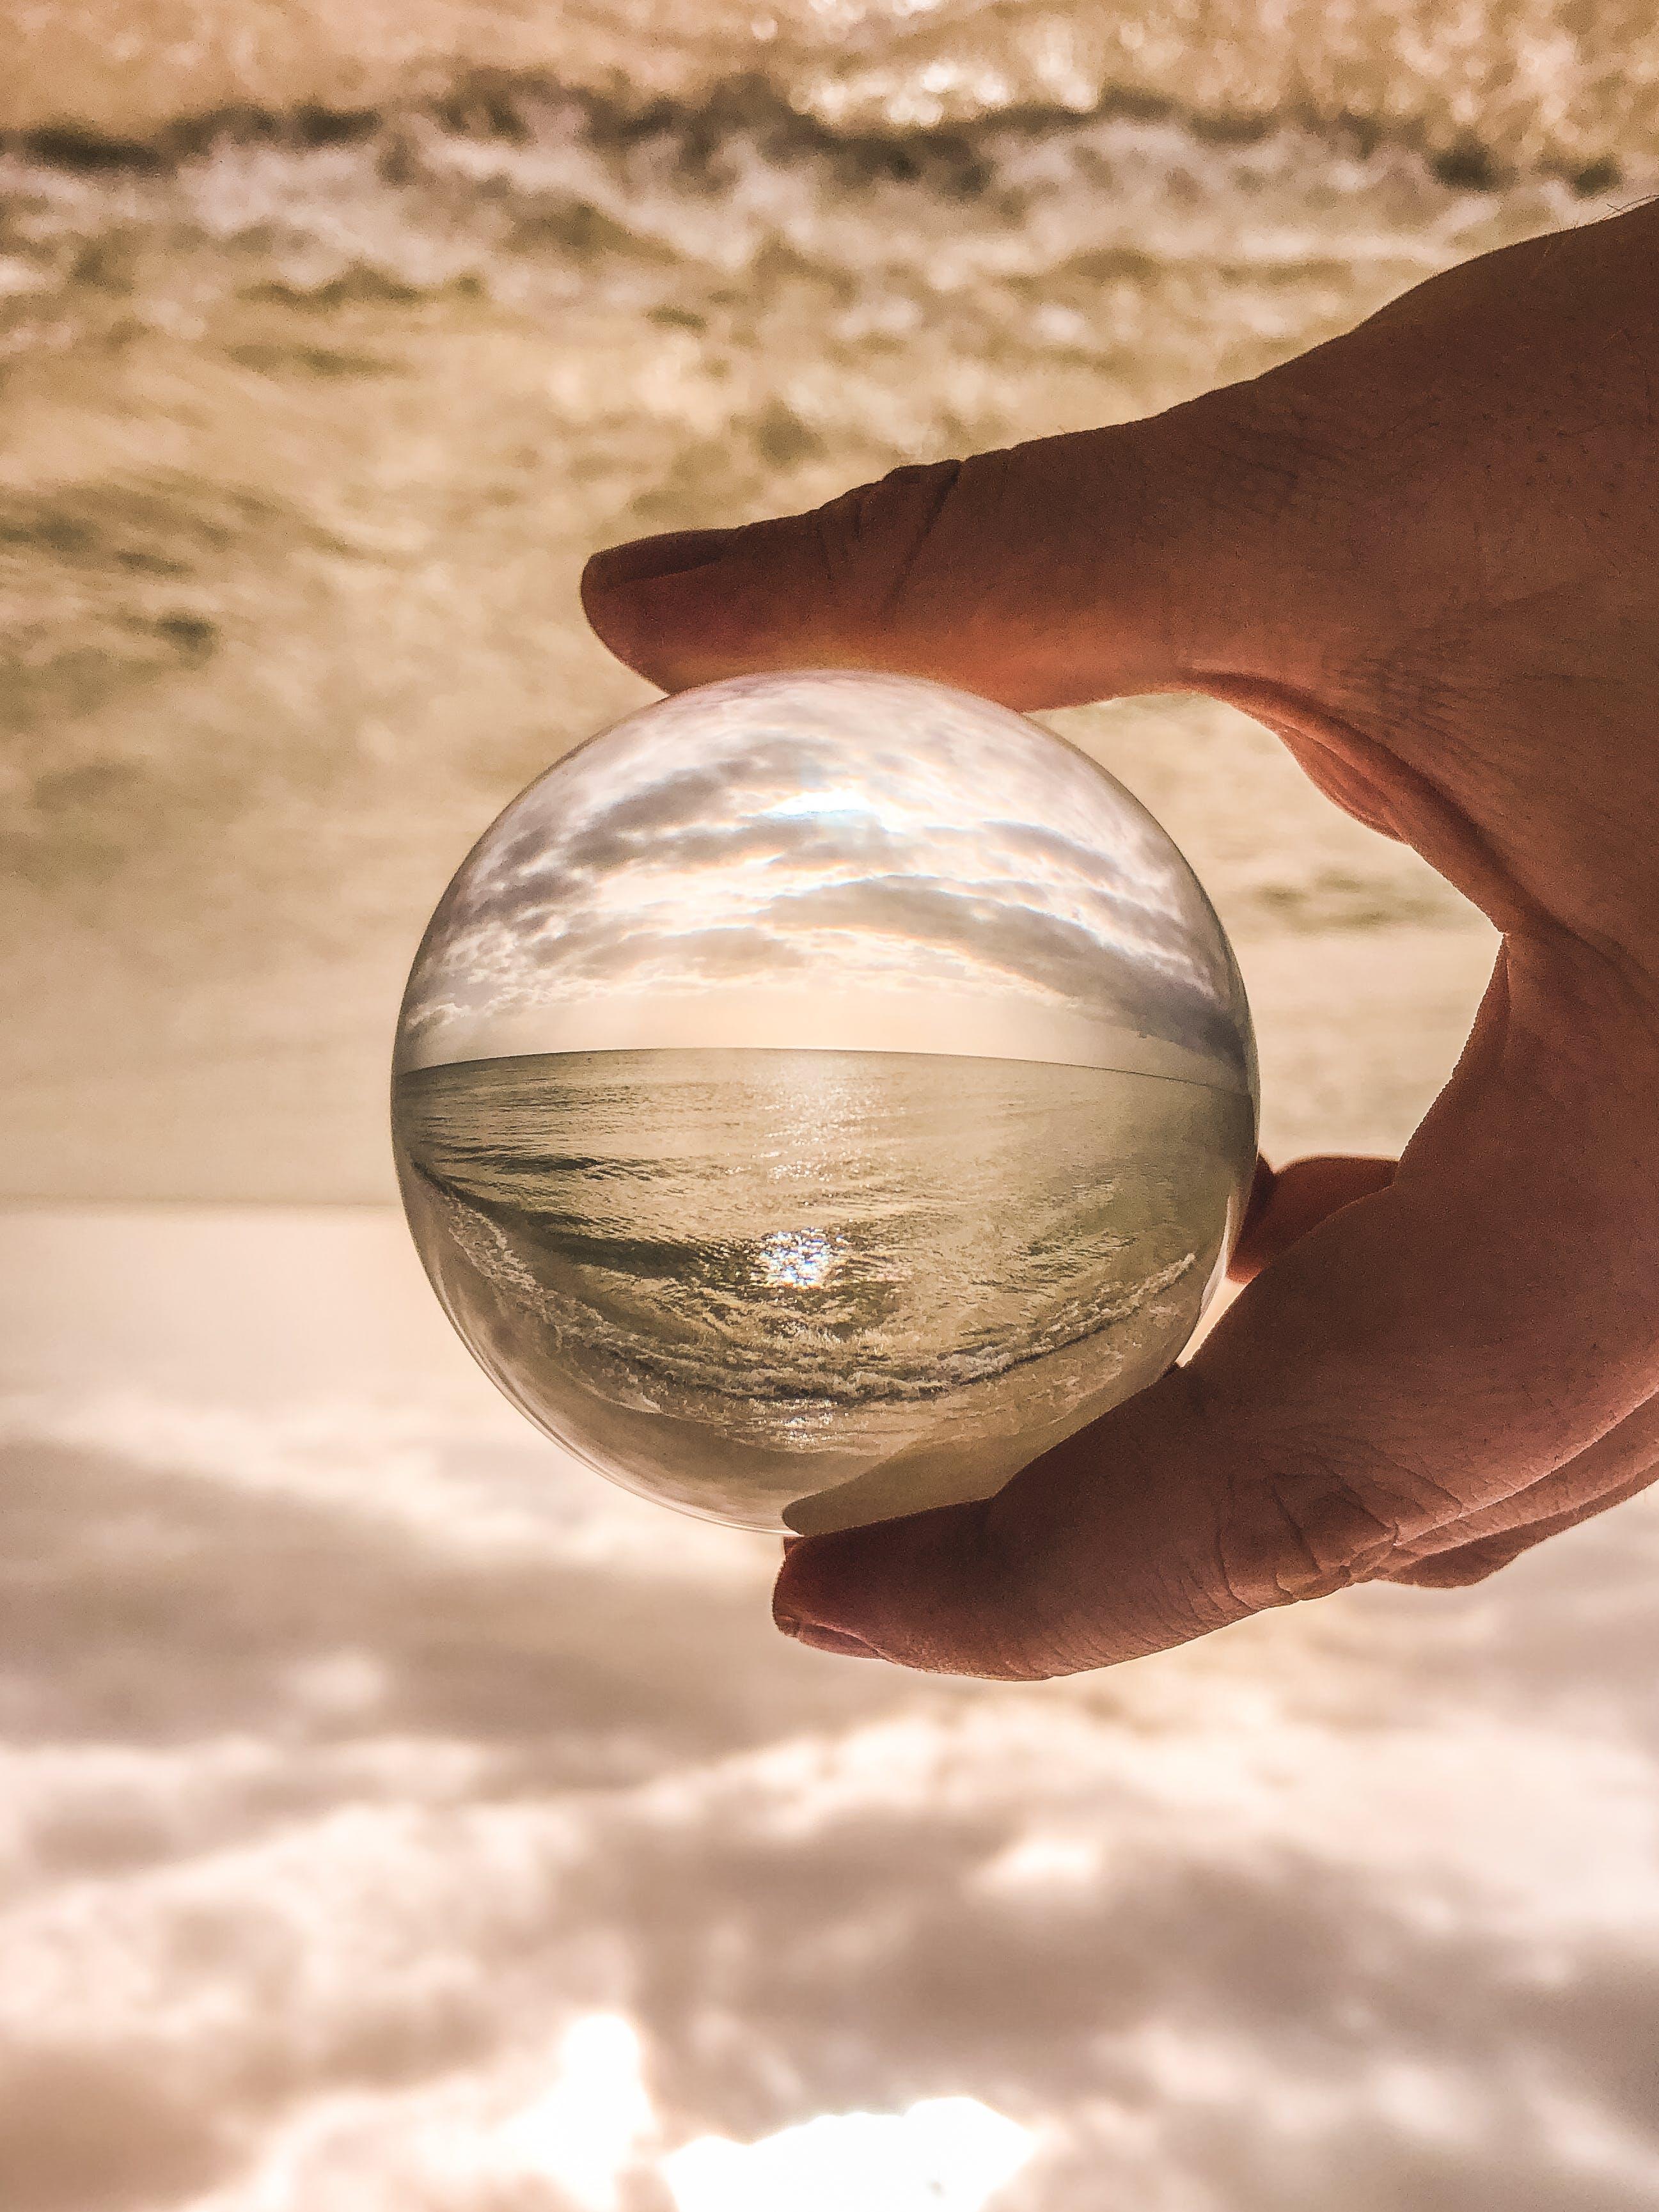 매크로, 모래, 물, 바다의 무료 스톡 사진